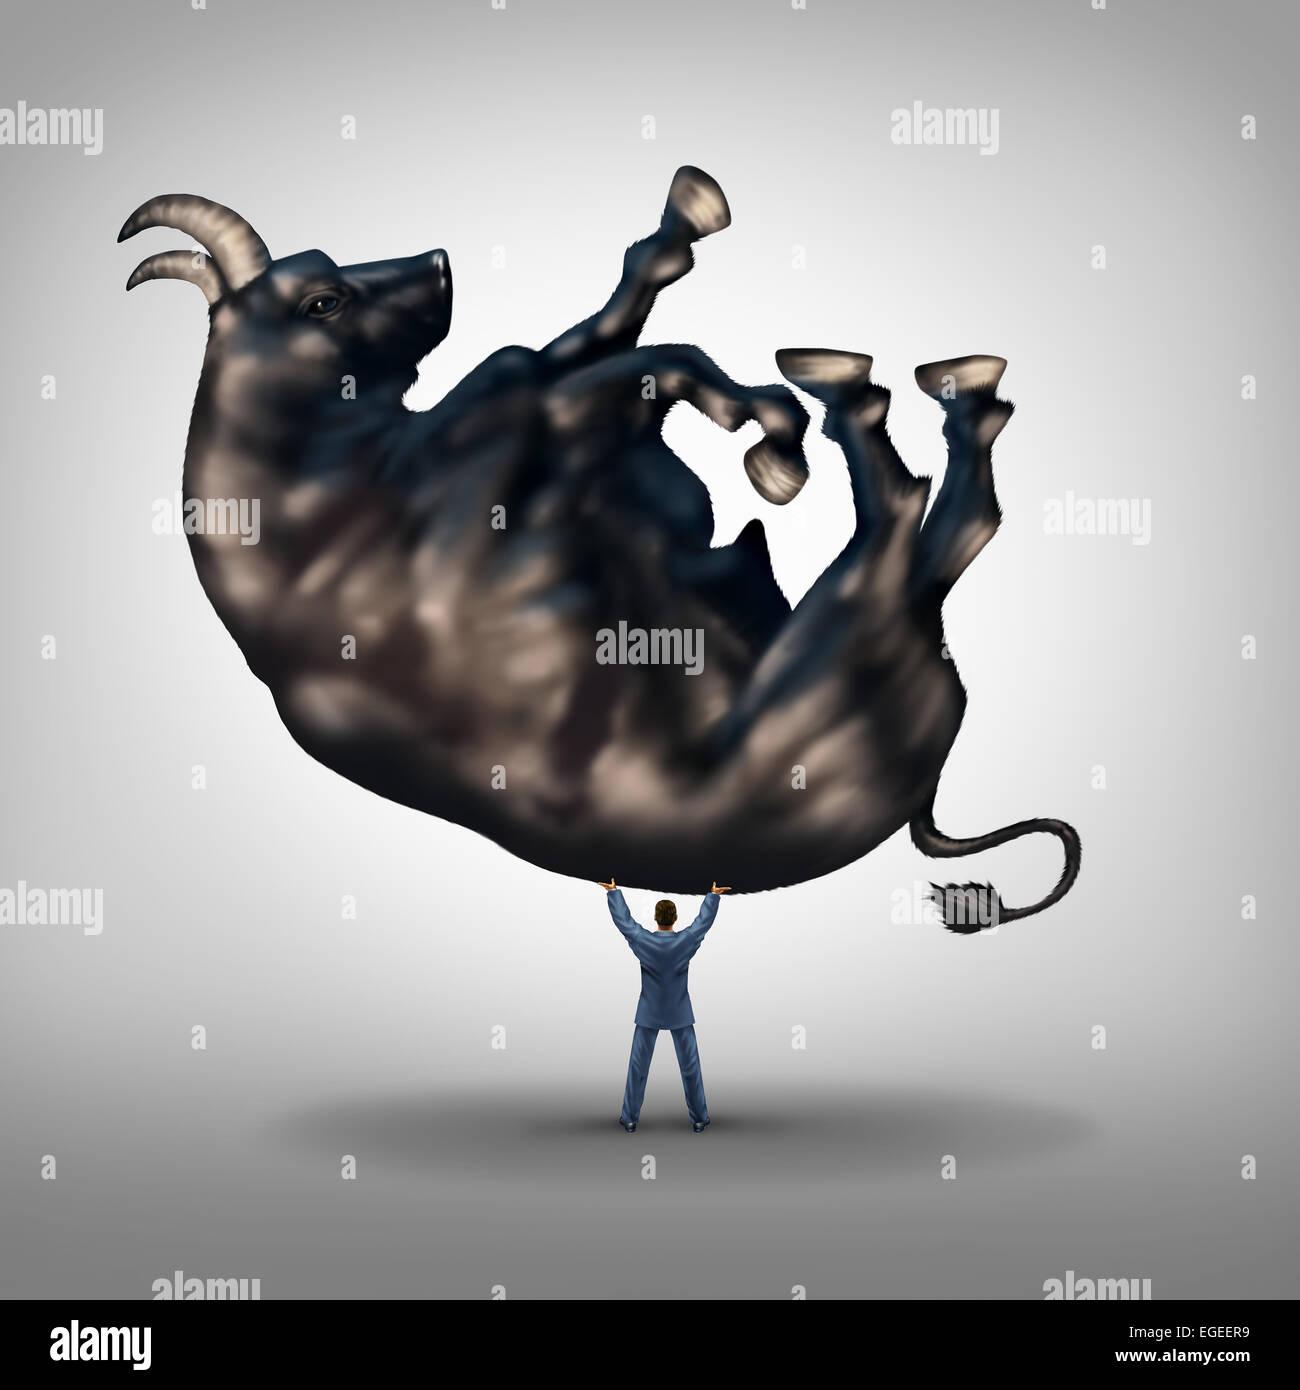 Soluciones de Inversión financiera y símbolo de liderazgo y éxito empresarial de concepto como hacerse Imagen De Stock